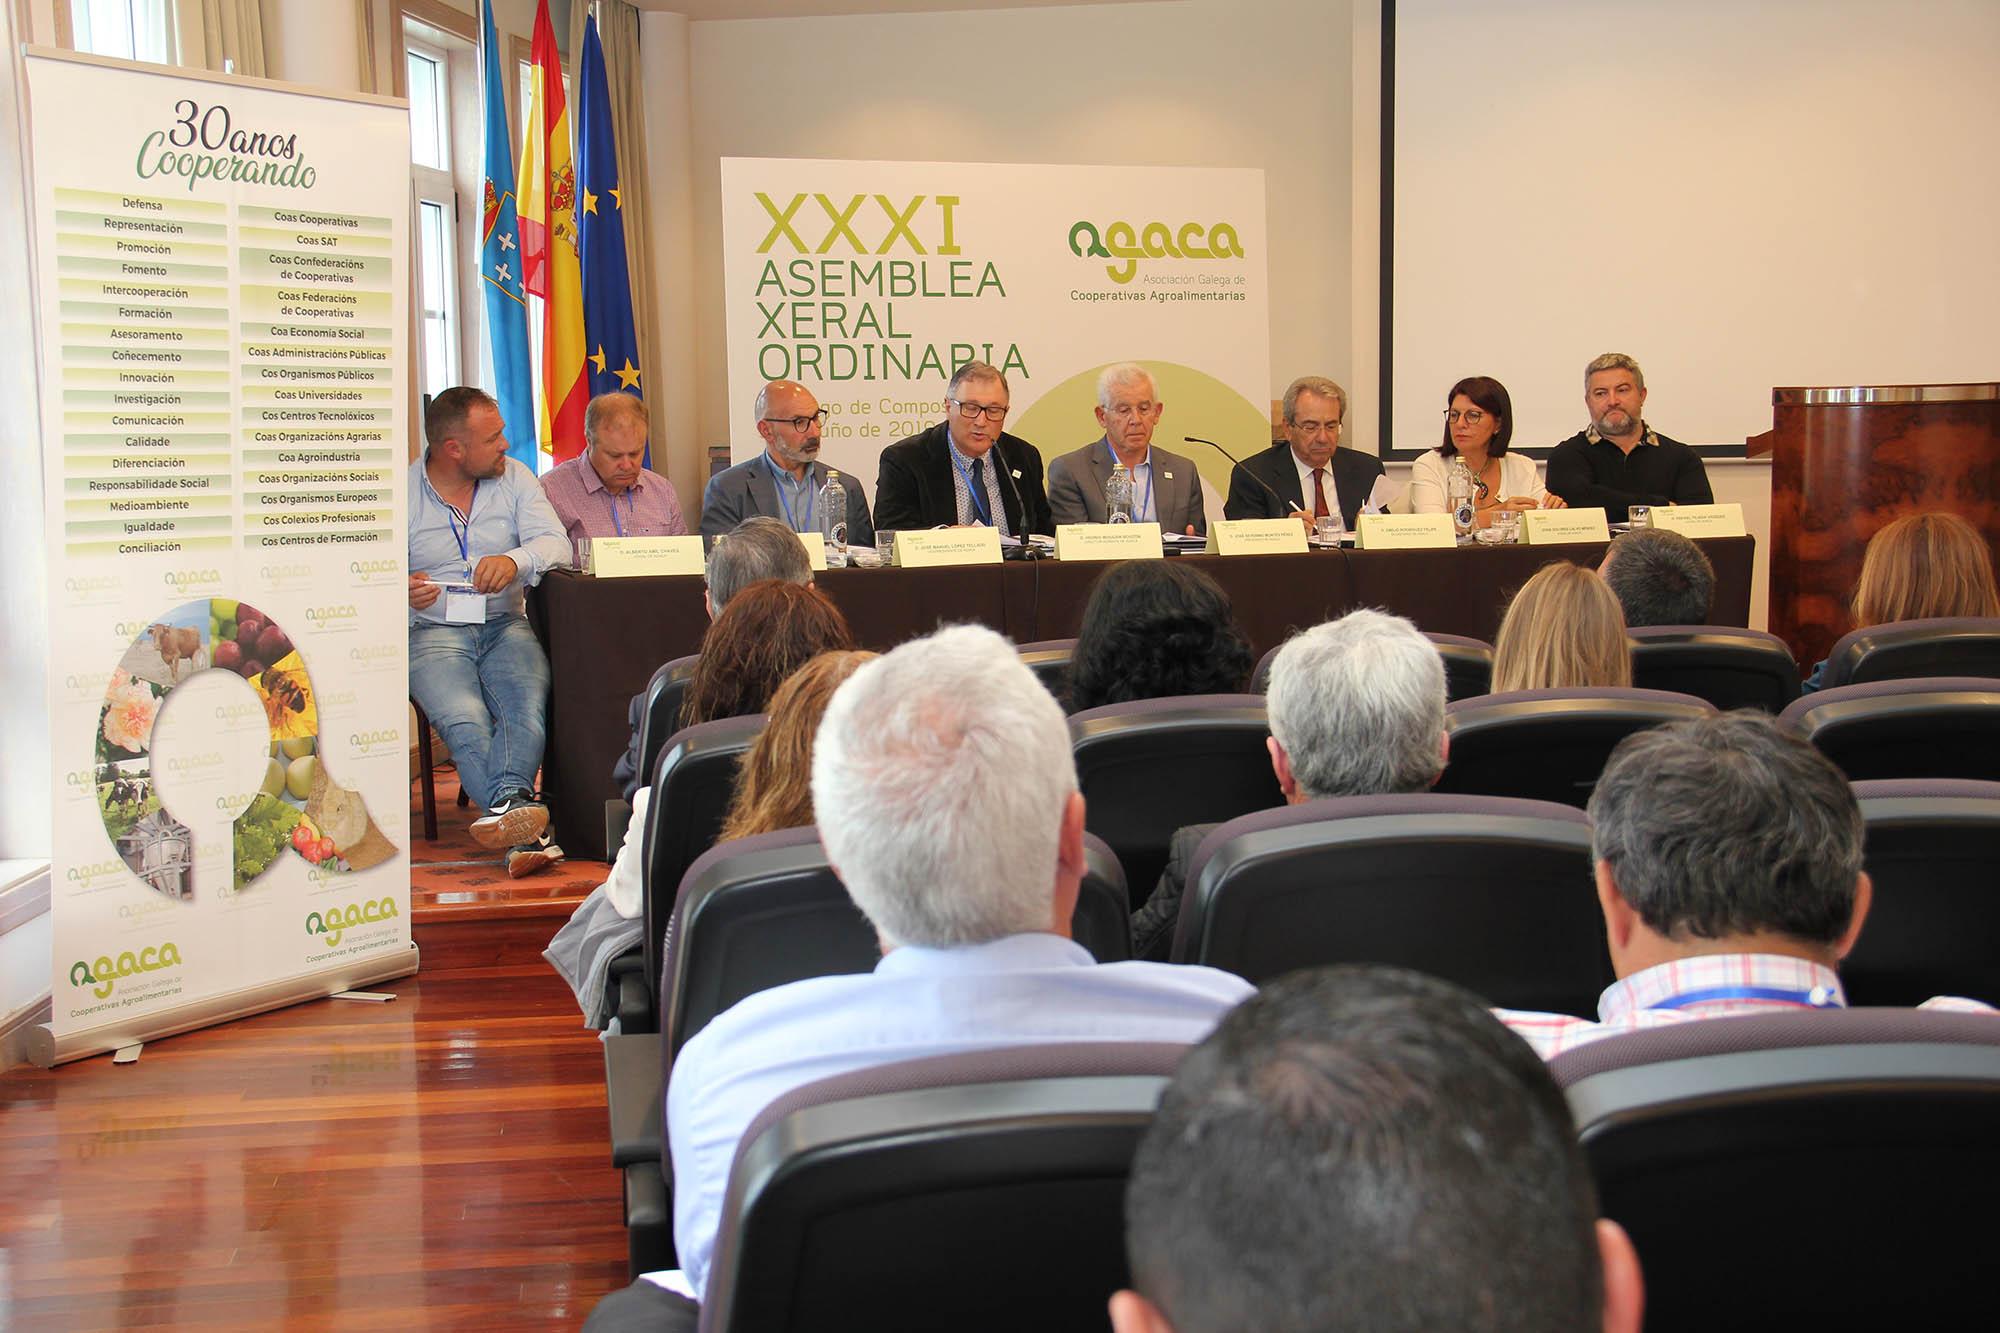 Agaca celebra a súa XXXI Asemblea Xeral e que Galicia é Rexión Amiga da Economía Social